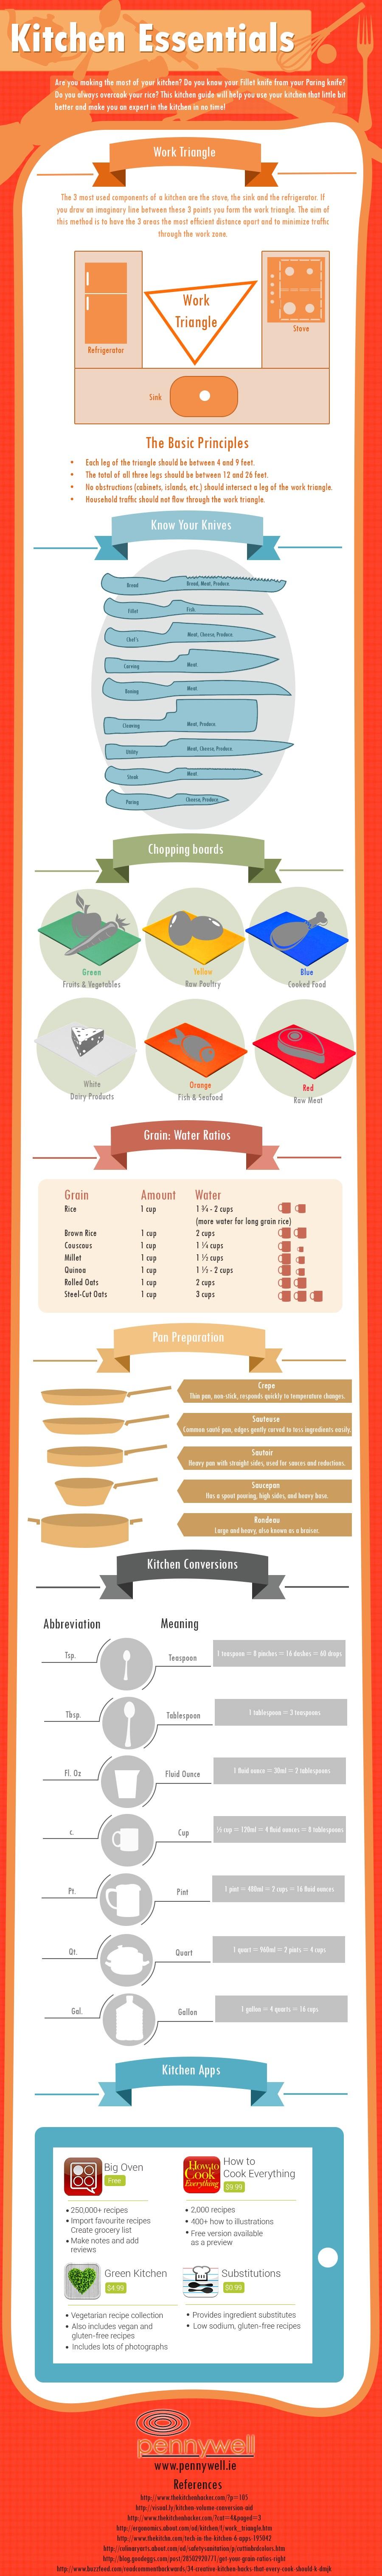 Kitchen Essentials: Know Your Kitchen